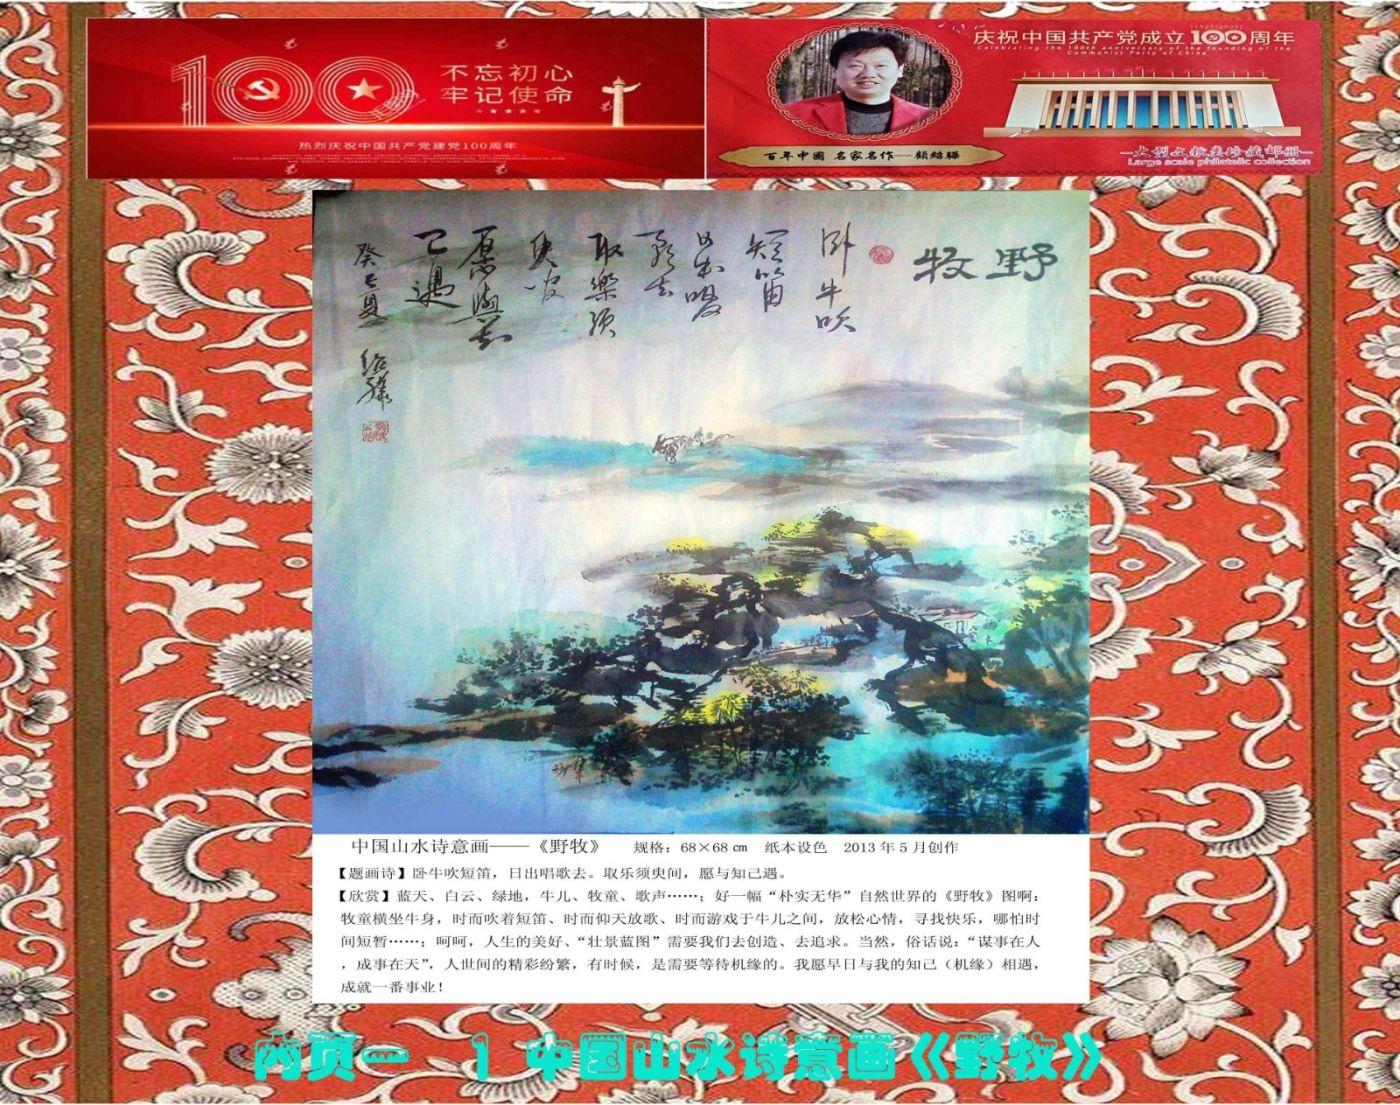 顾绍骅的诗情画意又入选《庆祝中国共产党成立100周年 百年中国名家名作》 ..._图1-4